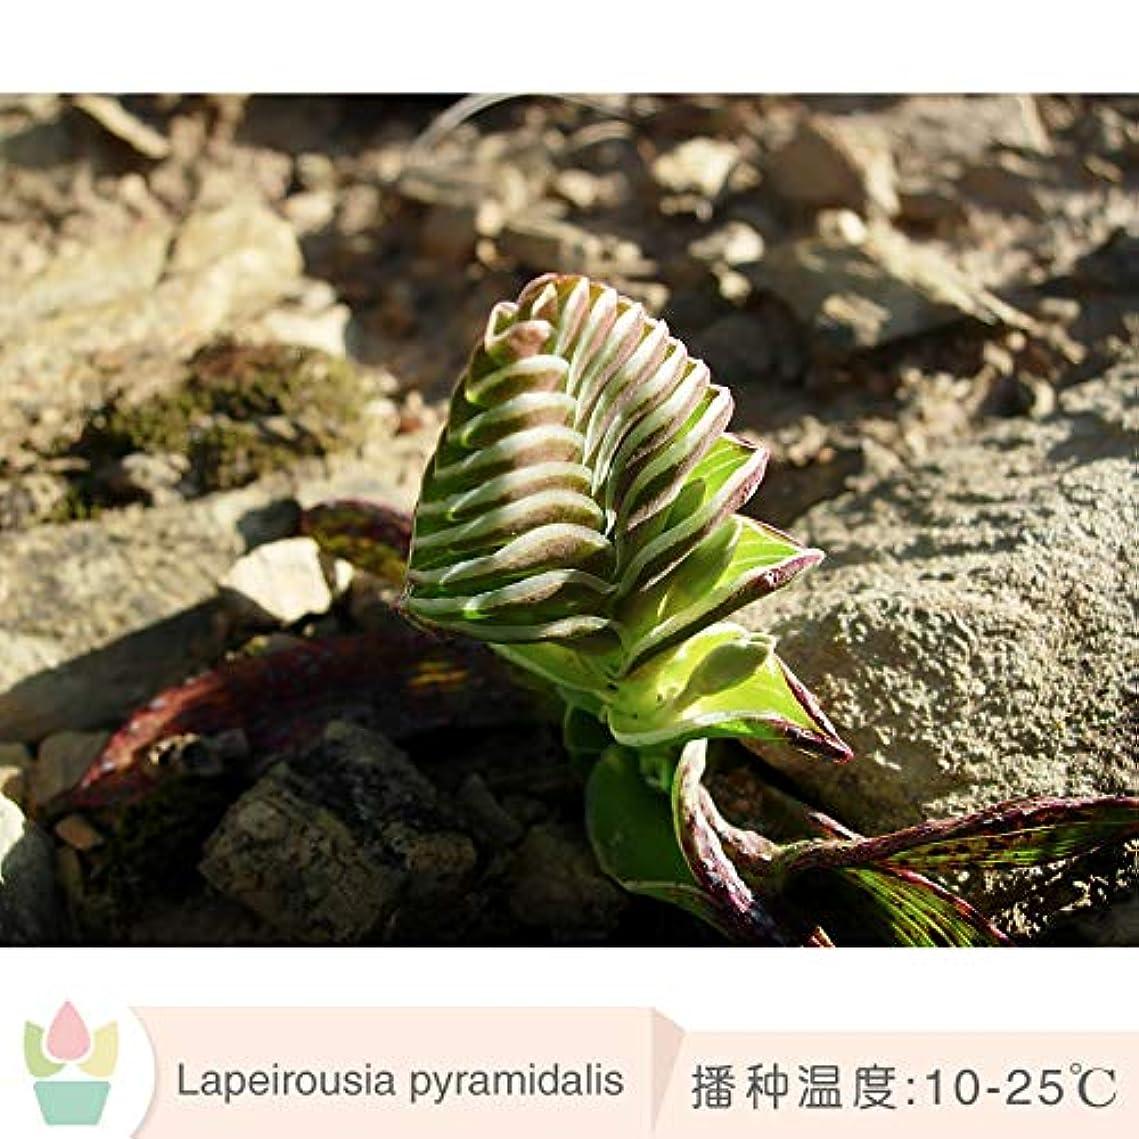 不平を言う拍手海岸ラペロスア ピララダリス 種子ピラミッド ラップ 疎香 南アフリカ 希少球根 5粒